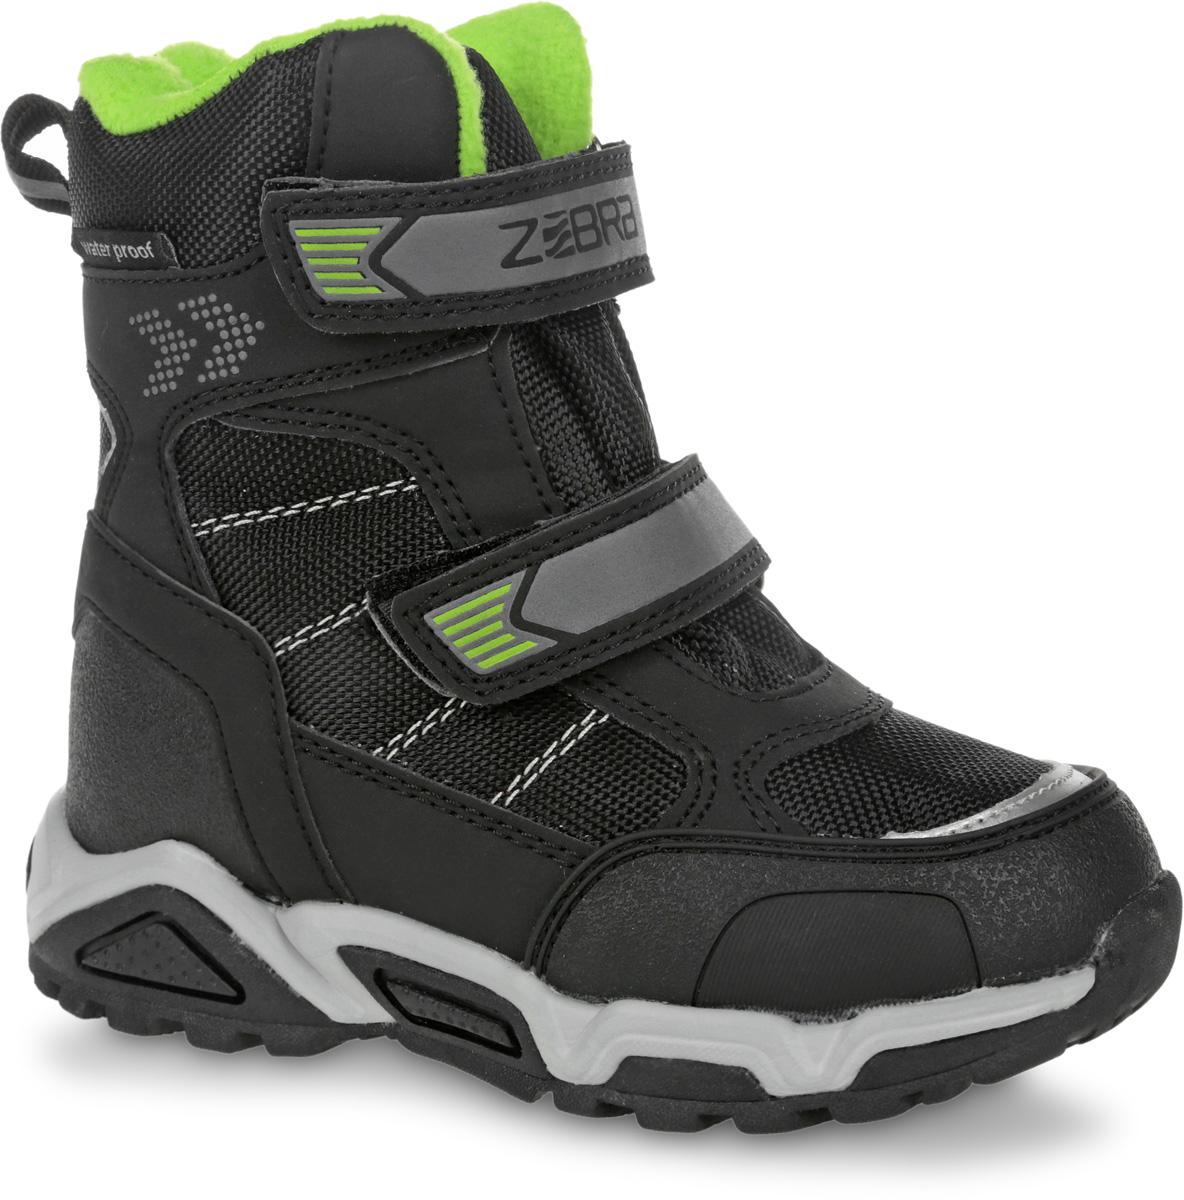 Полусапоги для мальчика Зебра, цвет: черный. 11017-1. Размер 3011017-1Полусапоги от Зебра выполнены из искусственной кожи и текстиля. Застежки-липучки надежно фиксируют изделие на ноге. Мягкая подкладка и стелька из шерсти обеспечивают тепло, циркуляцию воздуха и сохраняют комфортный микроклимат в обуви.